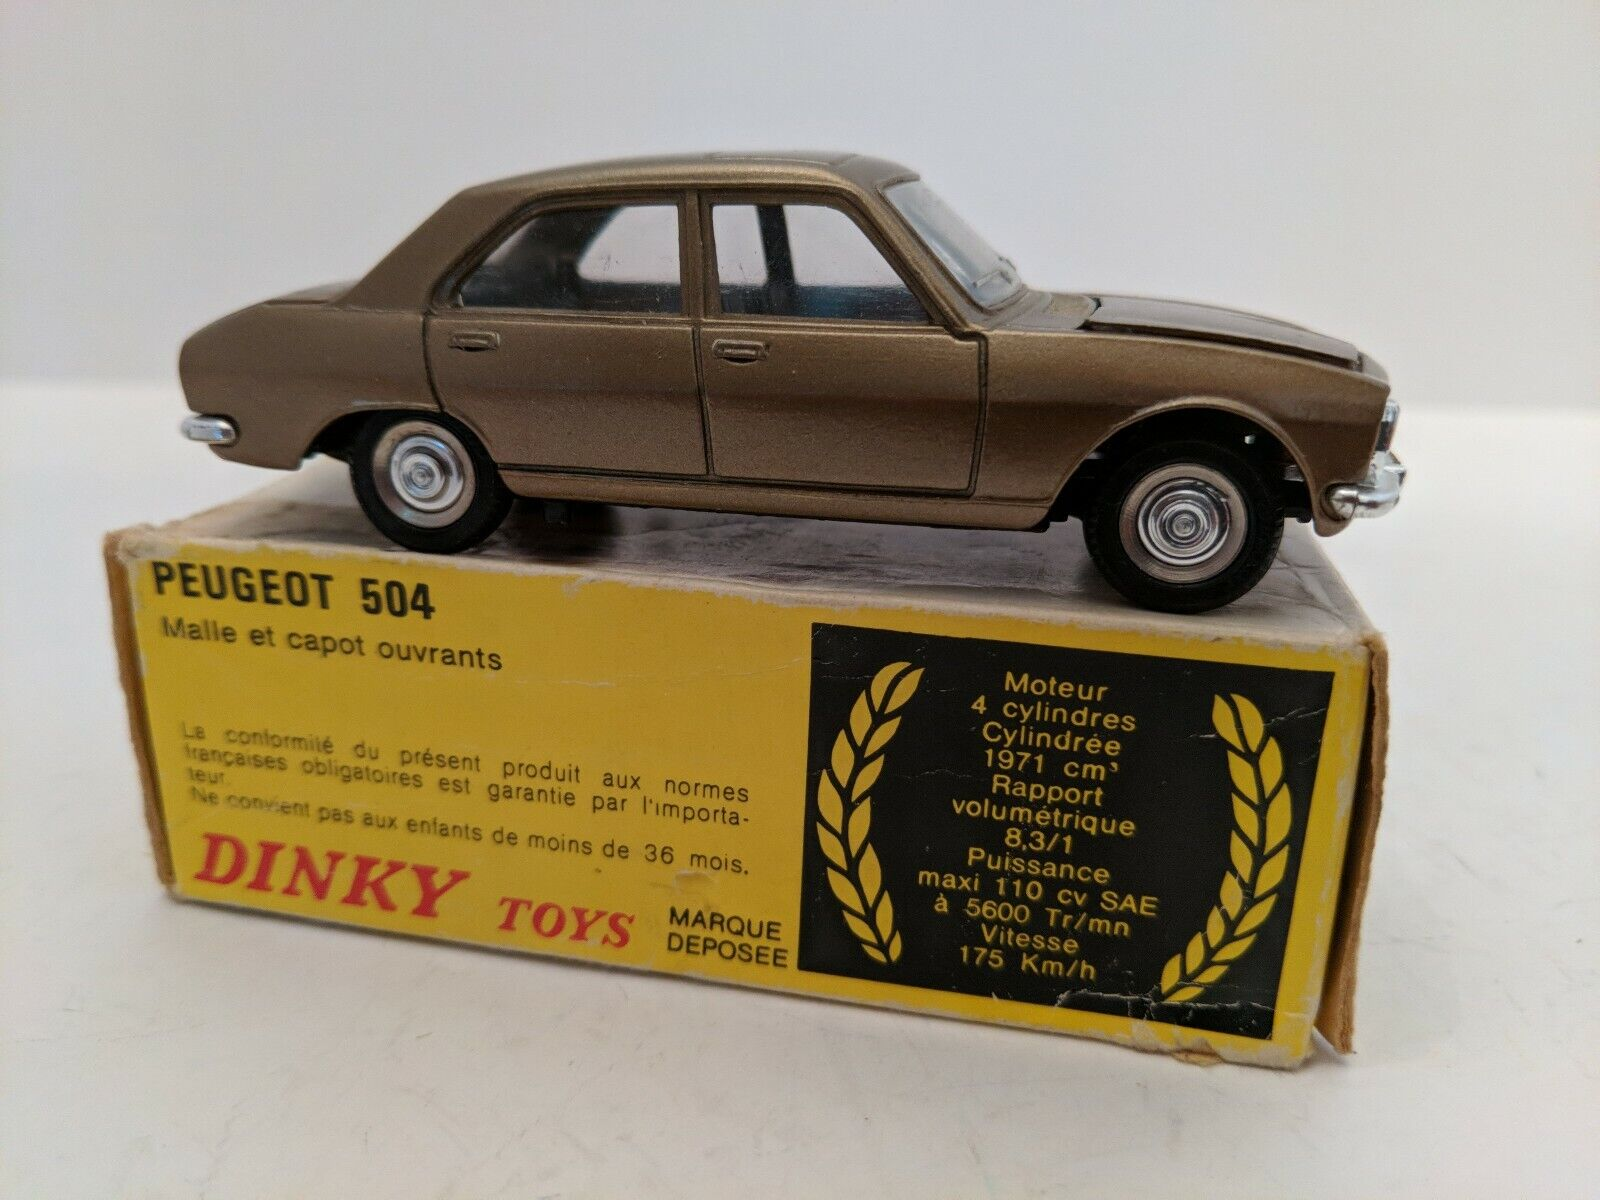 Peugeot 504, 011452 avec boîte, 1977-78 rare, fabriqué en Espagne, Comme neuf